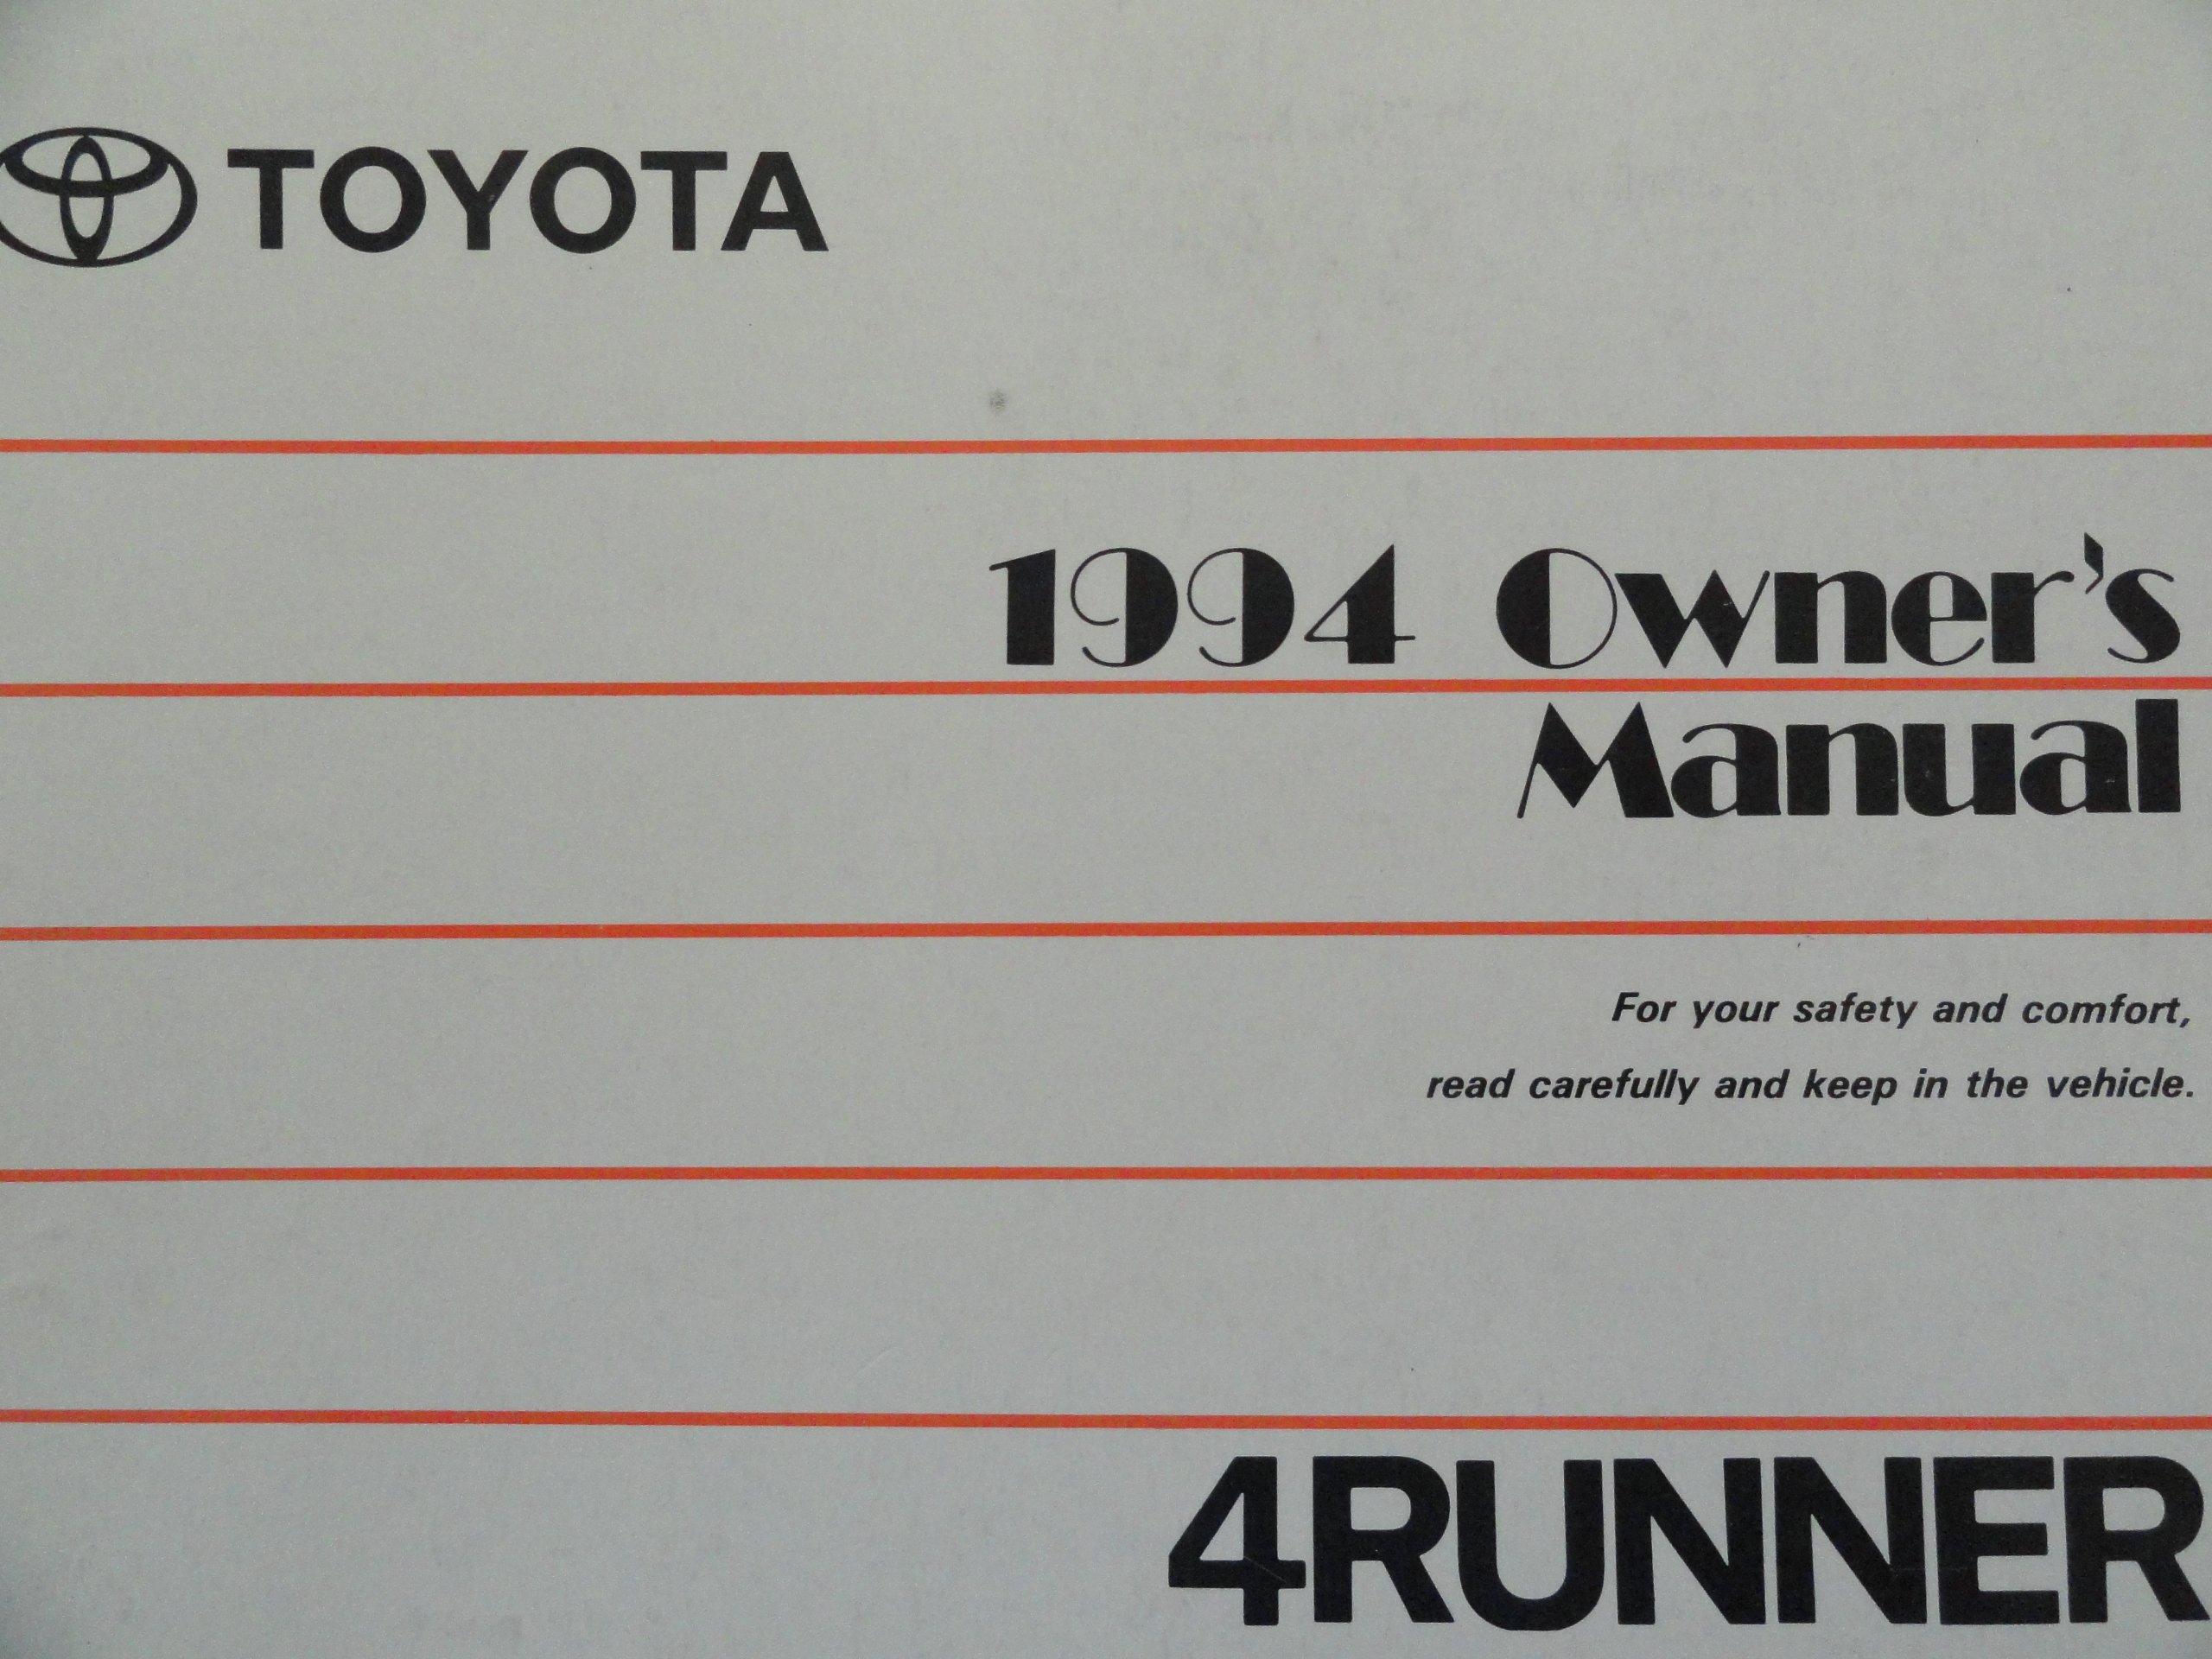 1994 toyota 4runner 4 runner owners manual amazon com books rh amazon com 1994 Toyota 4Runner Lifted 1994 Toyota 4Runner Vacuum Diagram